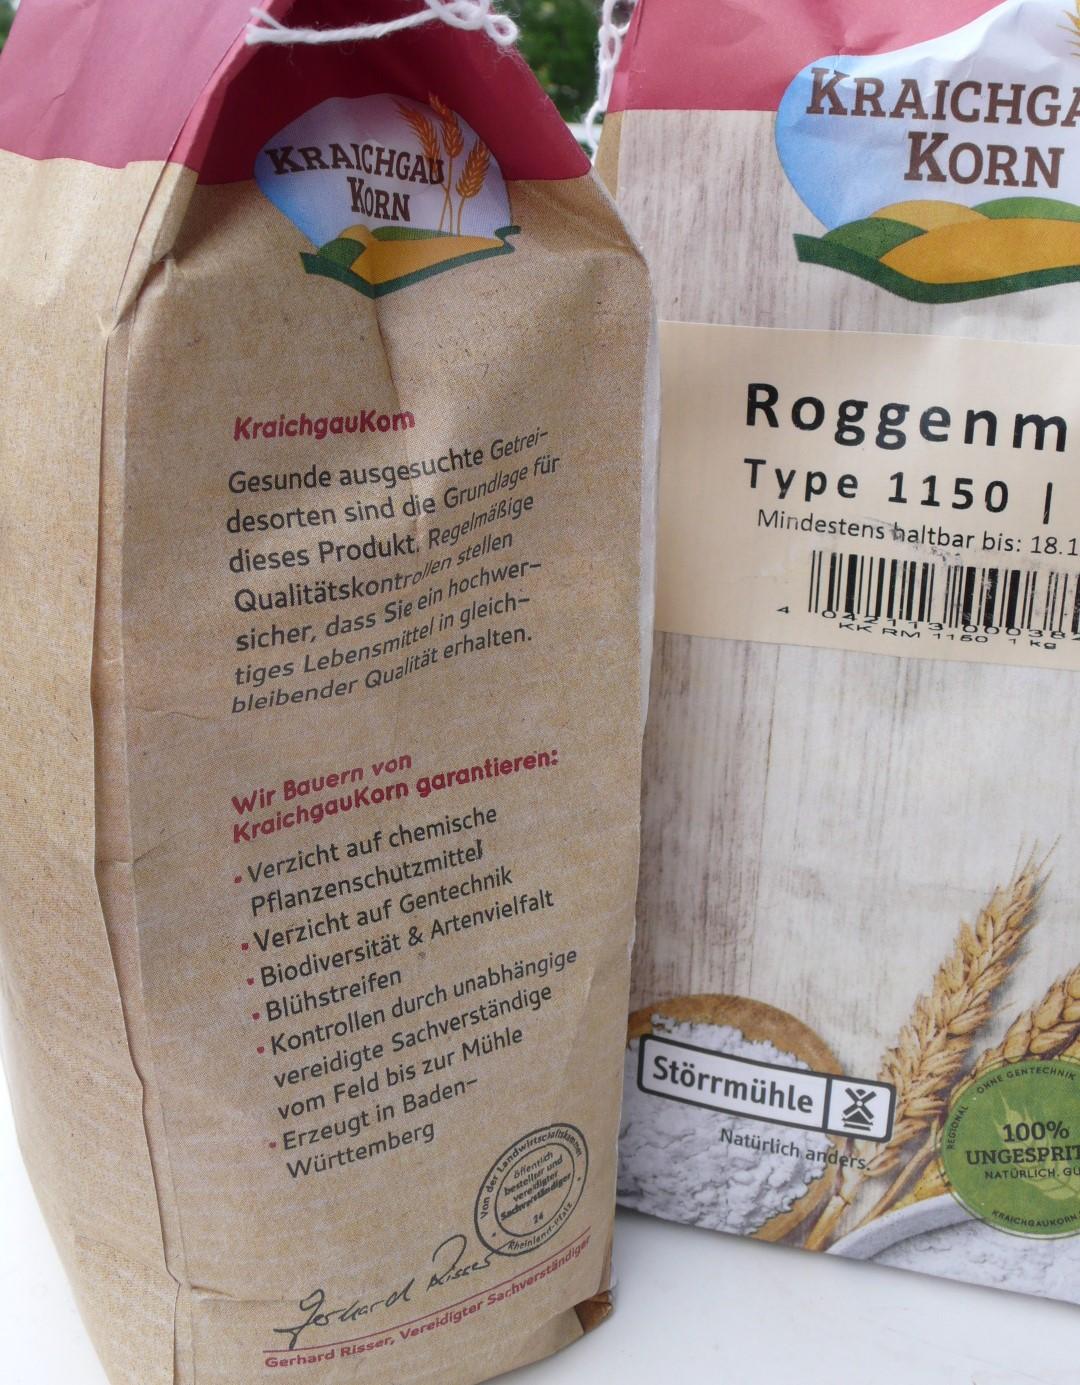 Regionales Korn erhältlich, in mehreren Arten und Typenzahlen